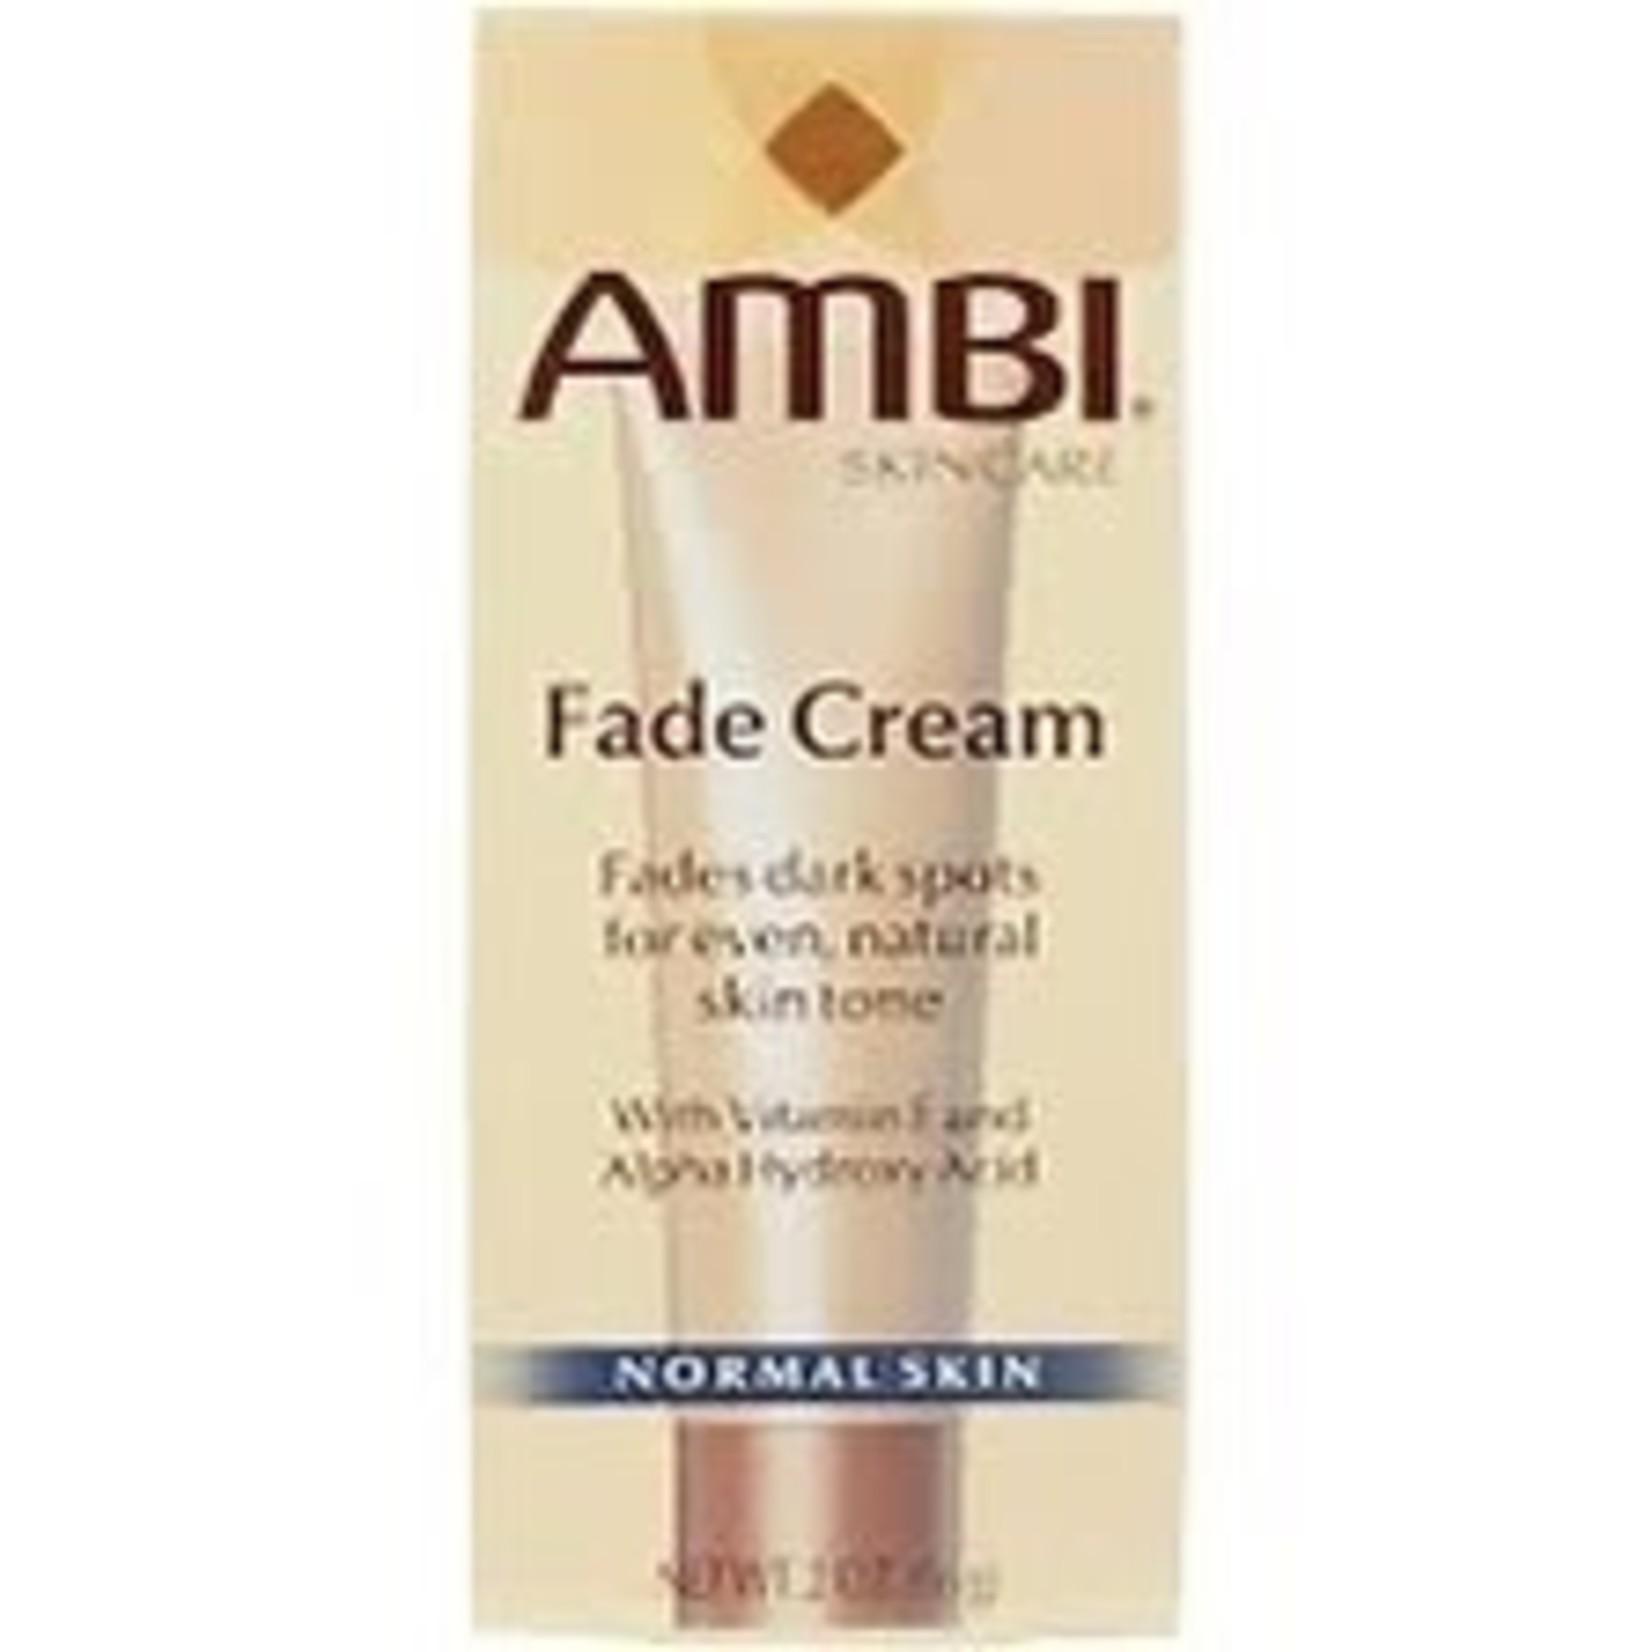 AMBI AMBI Fade Cream Normal Skin (2OZ)